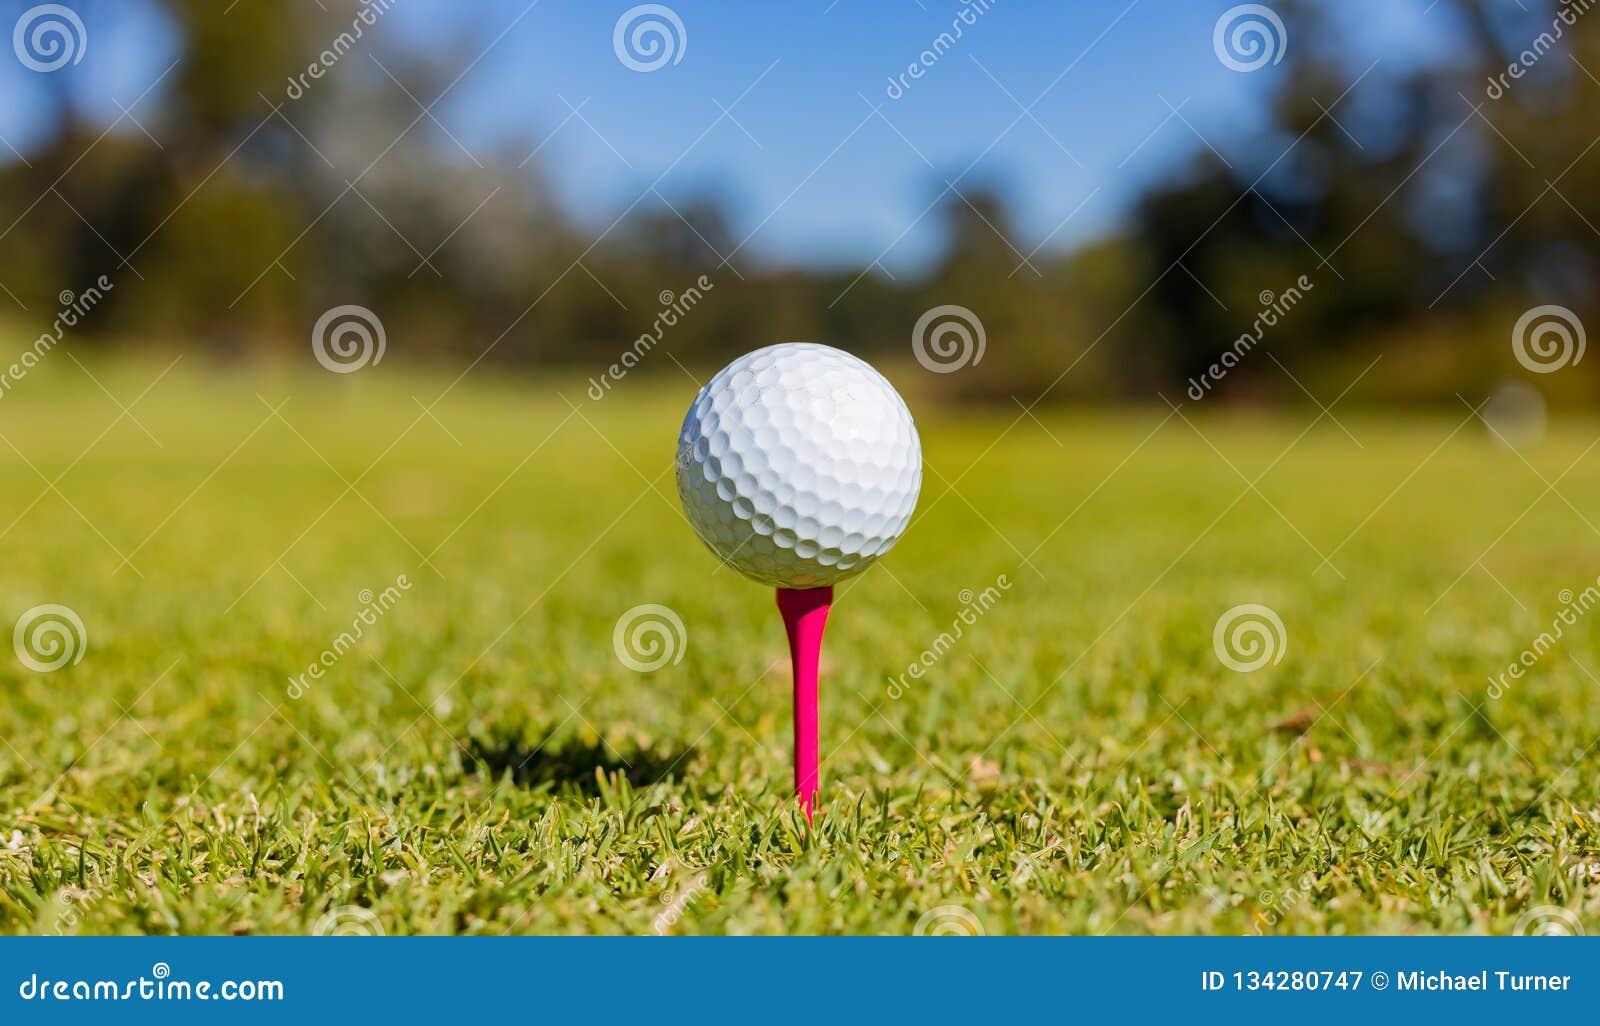 Golfboll på en utslagsplats på en golfbana